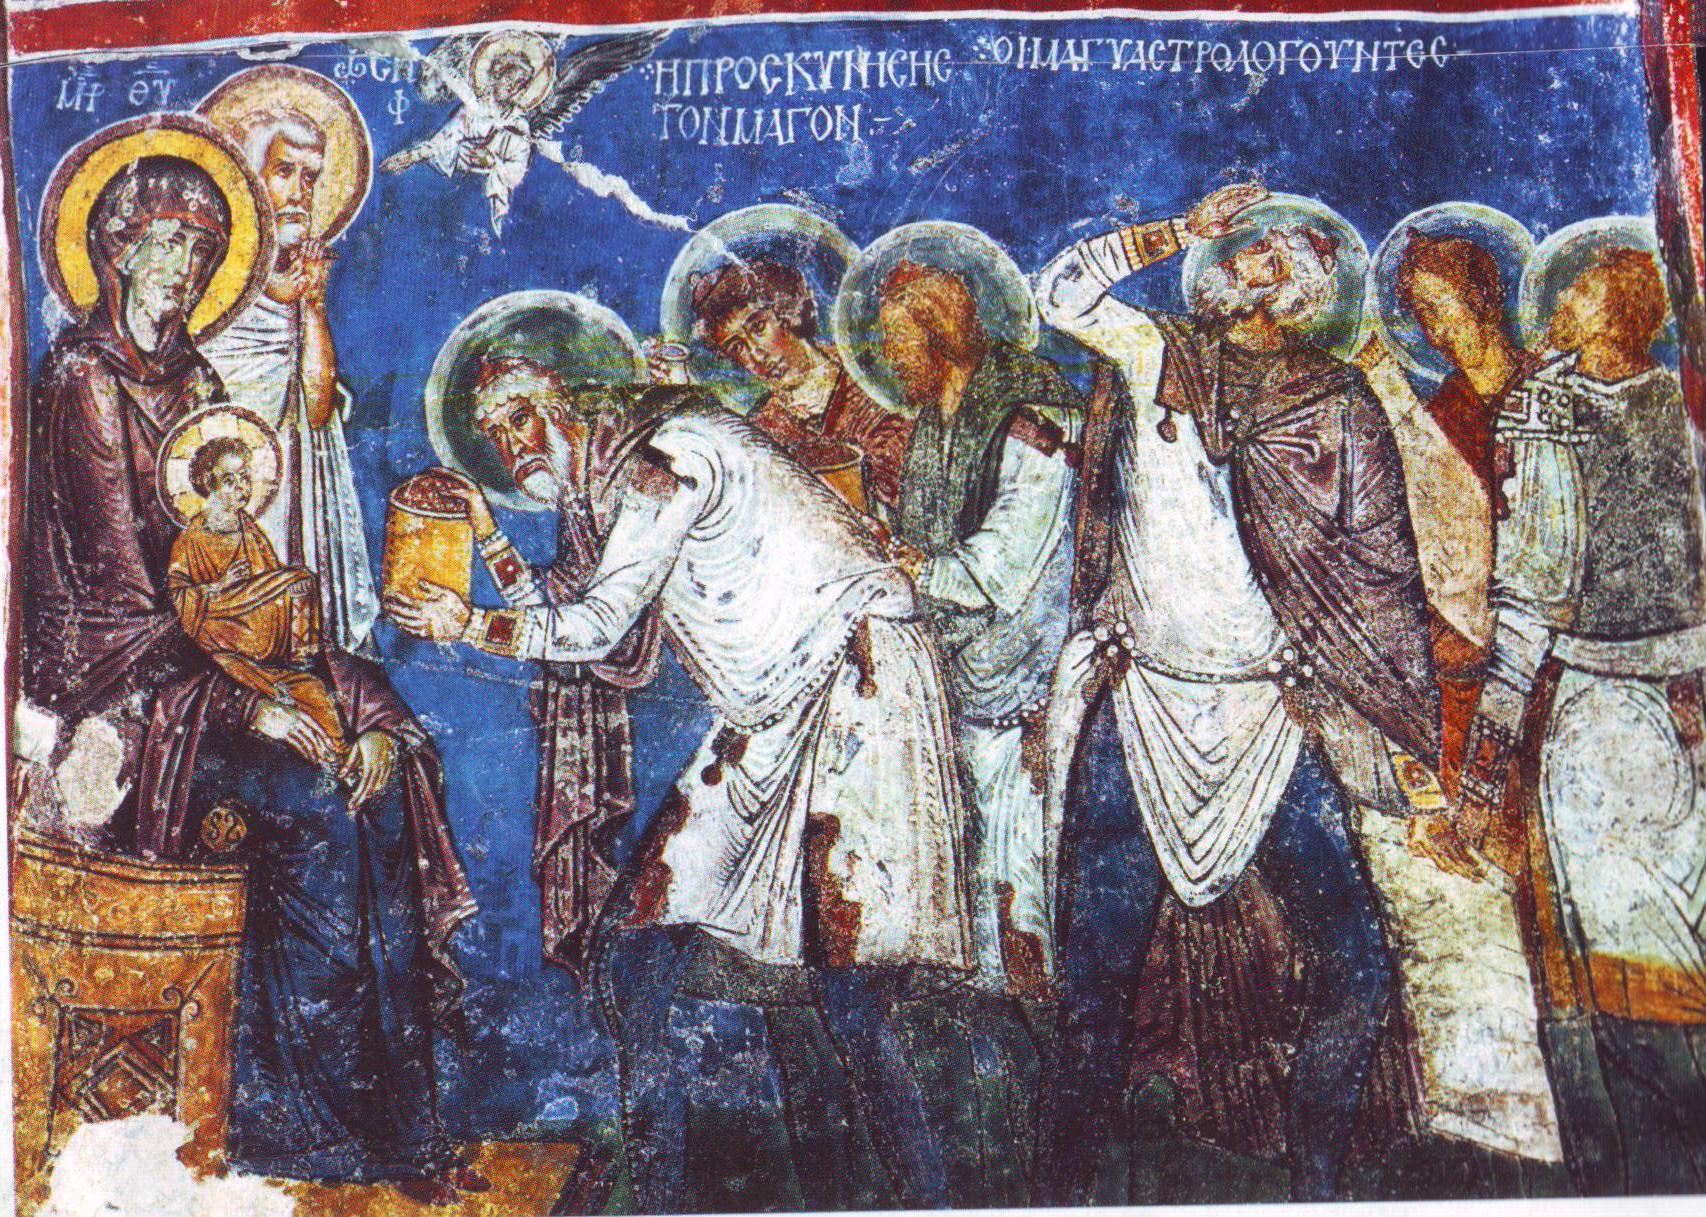 Поклонение волхвов. Фреска. Каппадокия, XII в.